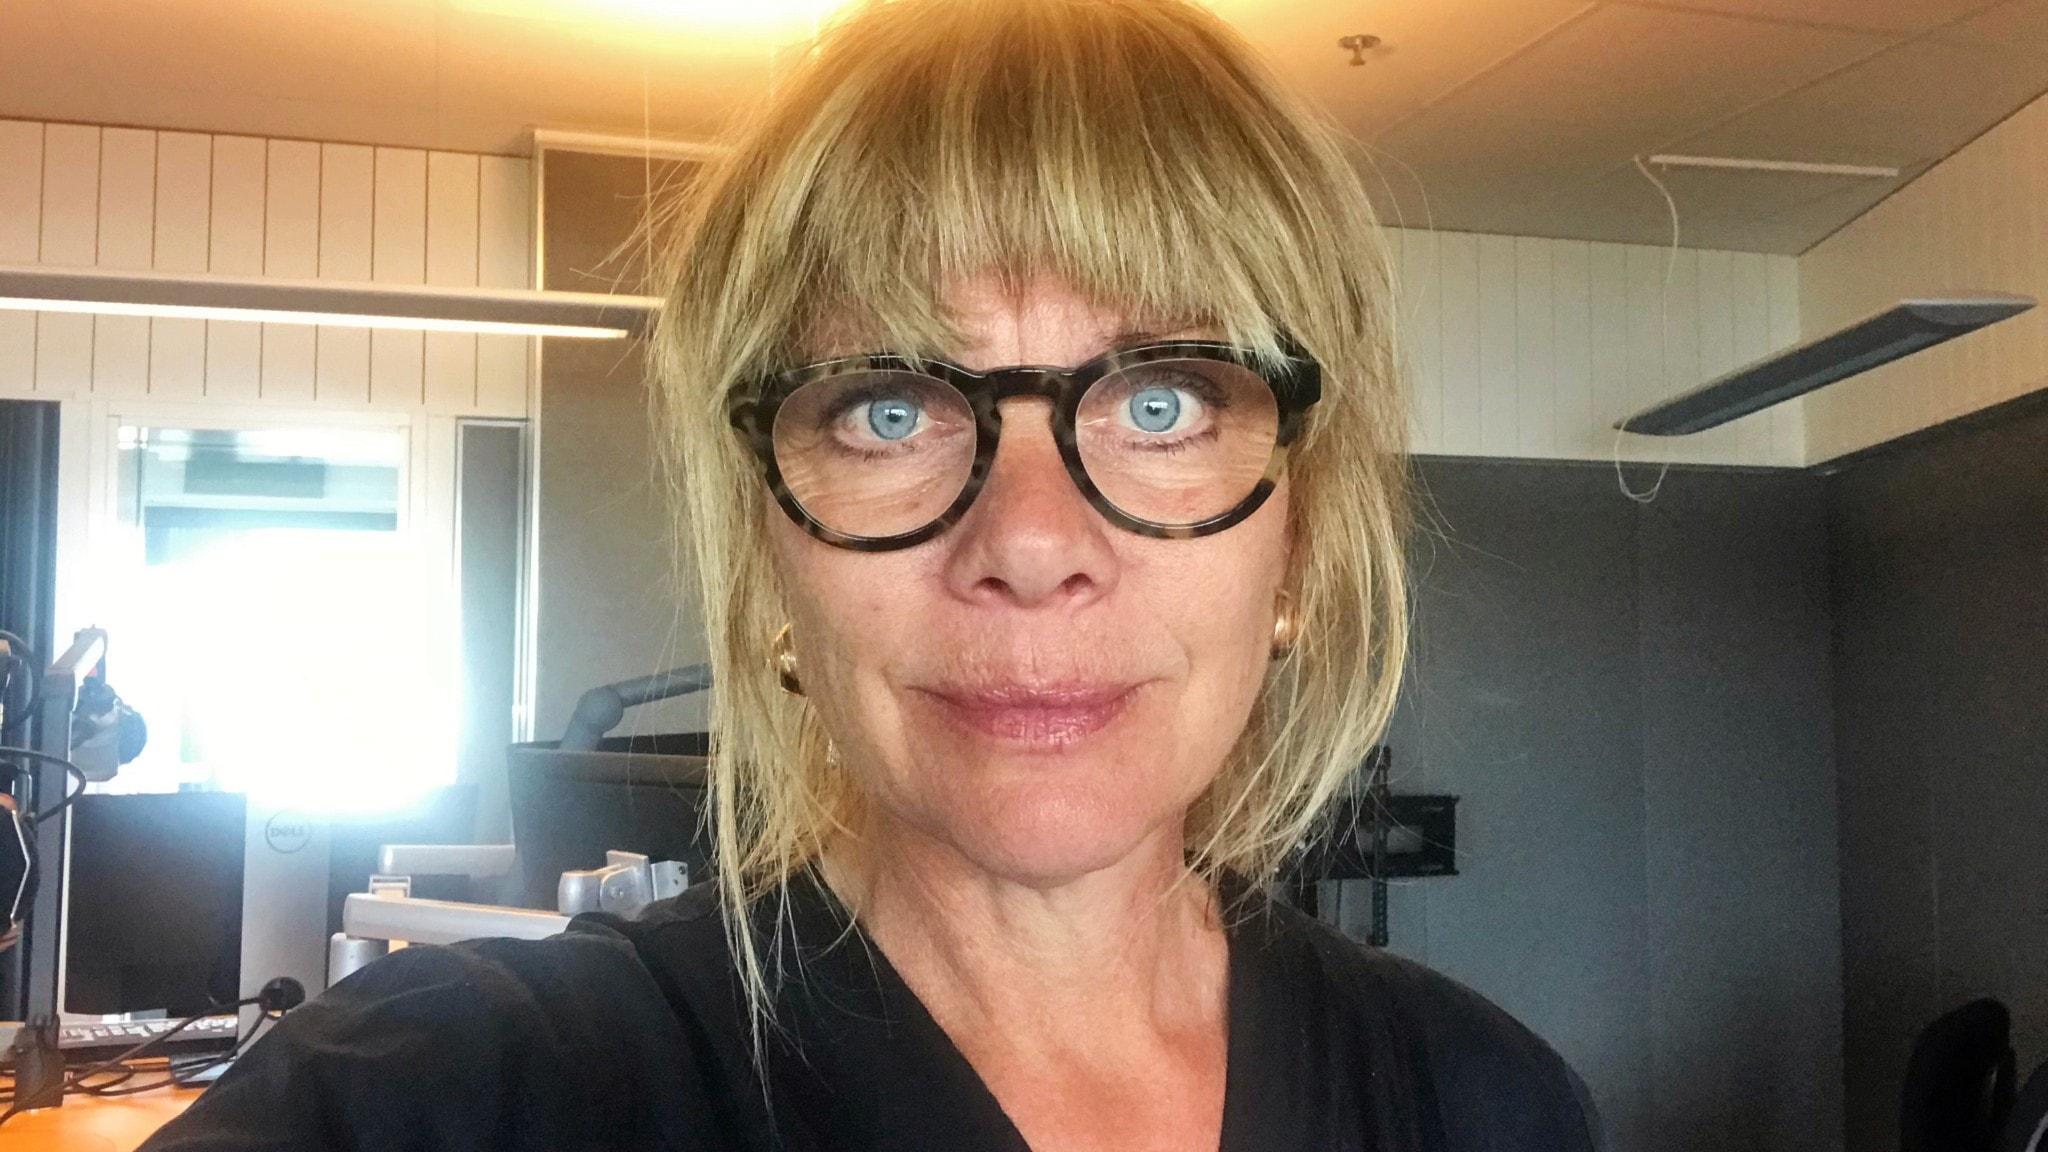 Carin Ahlqvist - Den vuxne i rummet